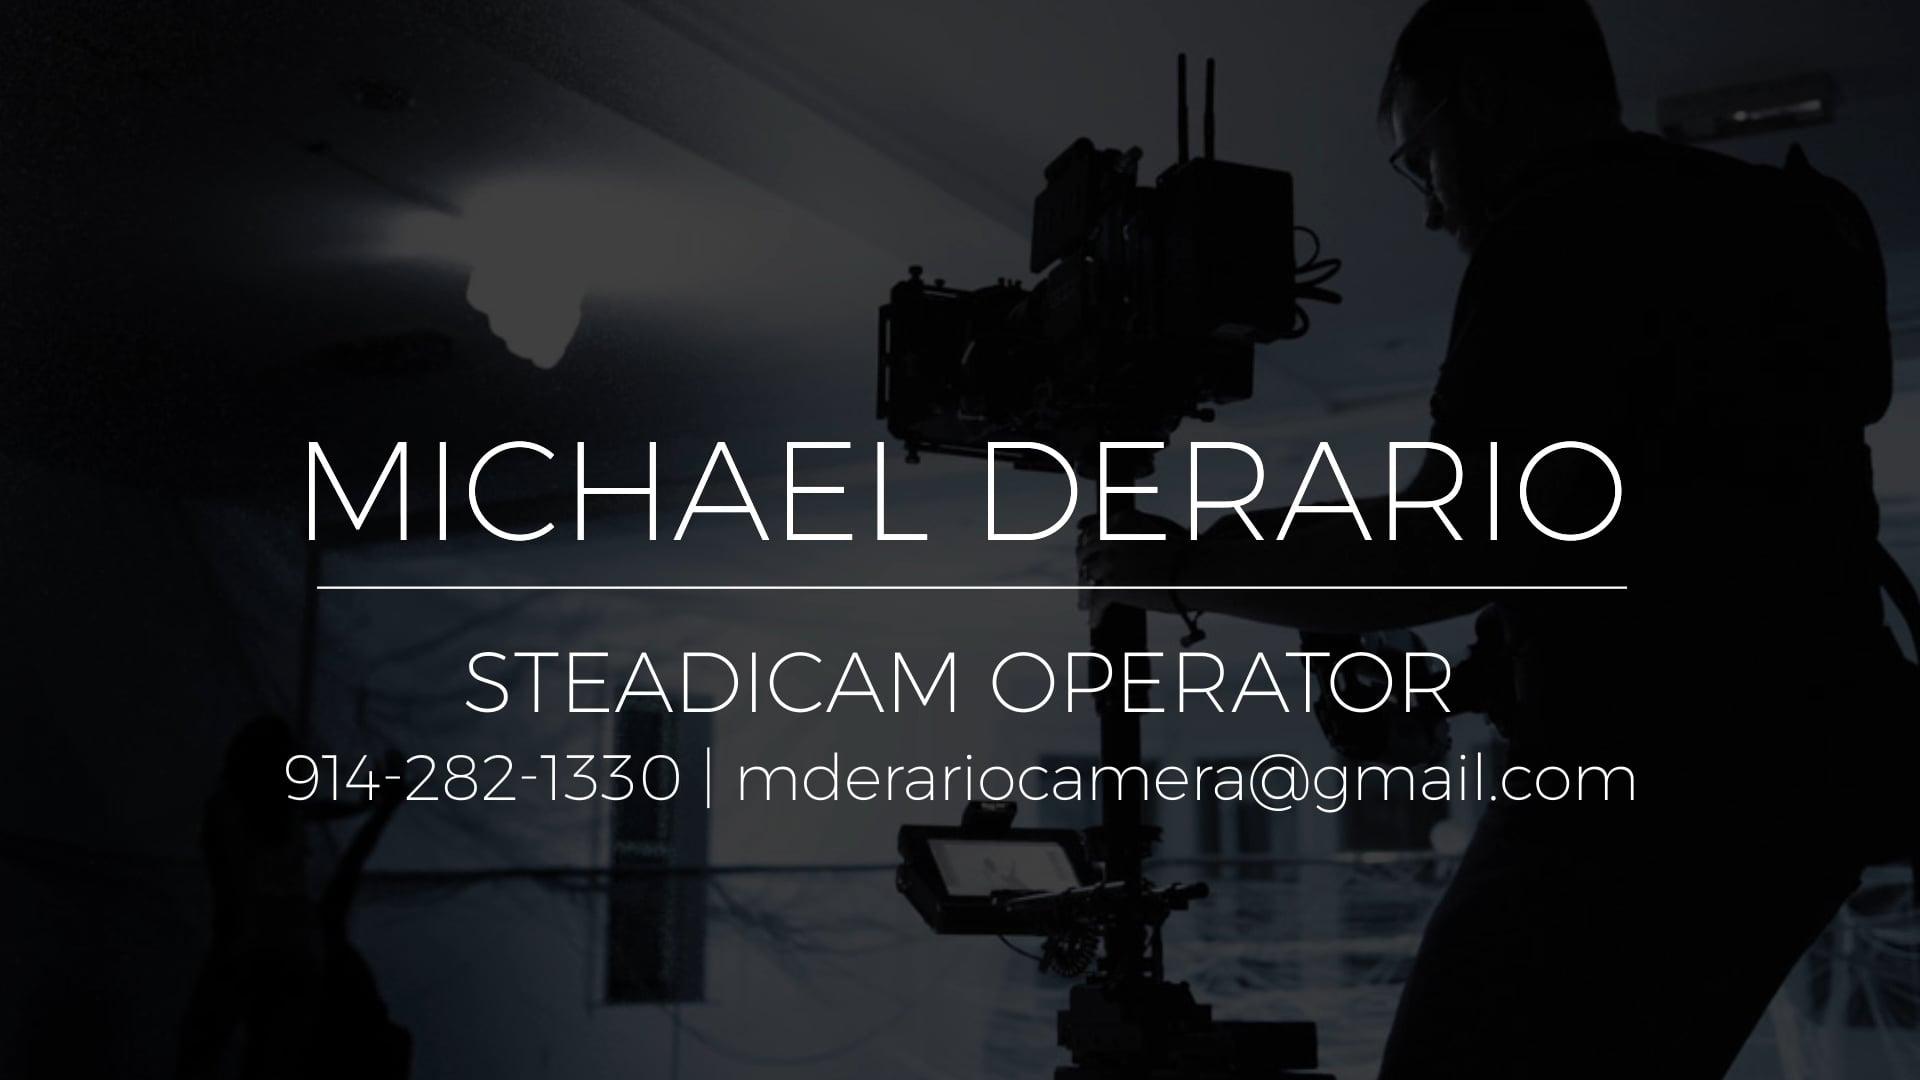 Michael DeRario Steadicam Reel 2020